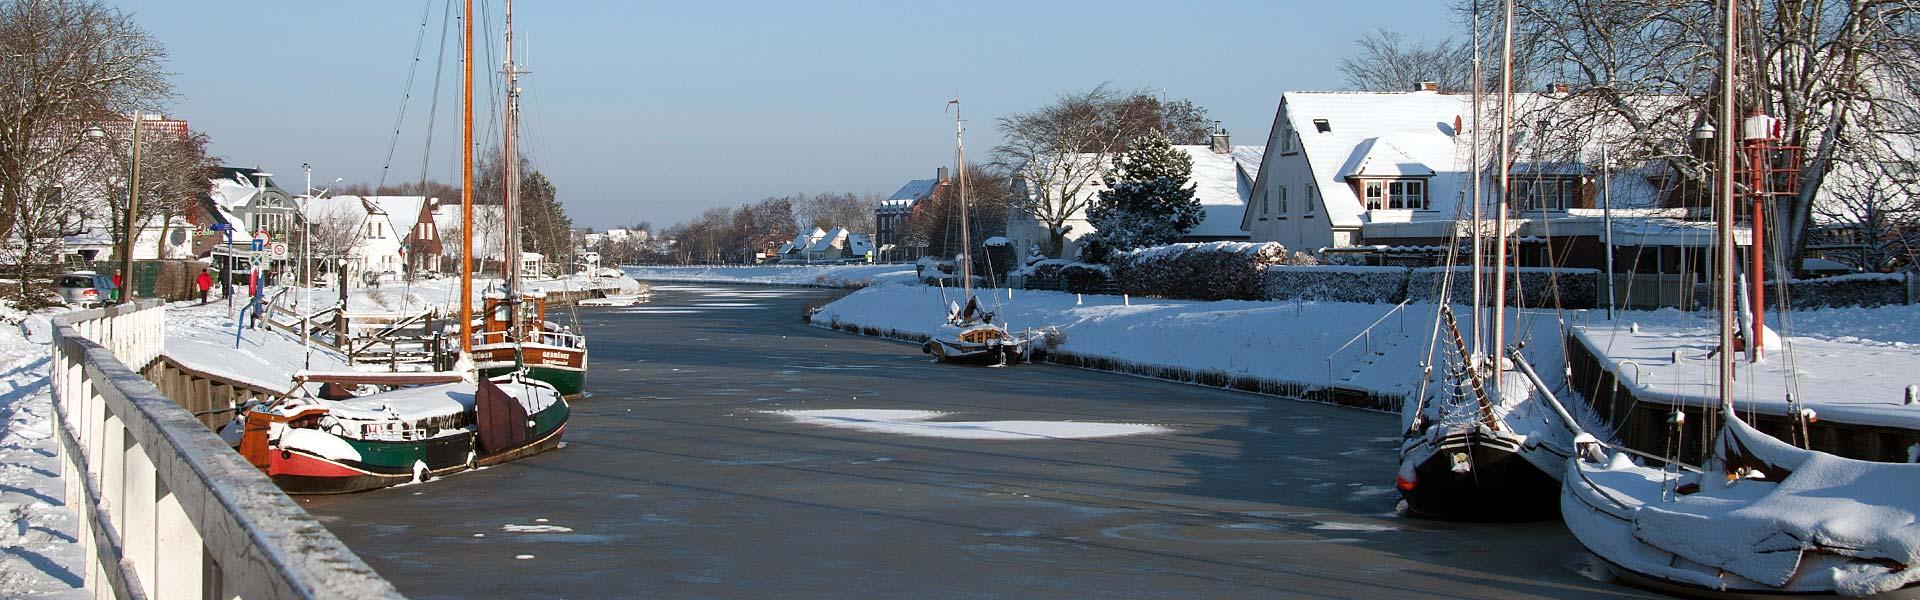 Winterurlaub in Carolinensiel